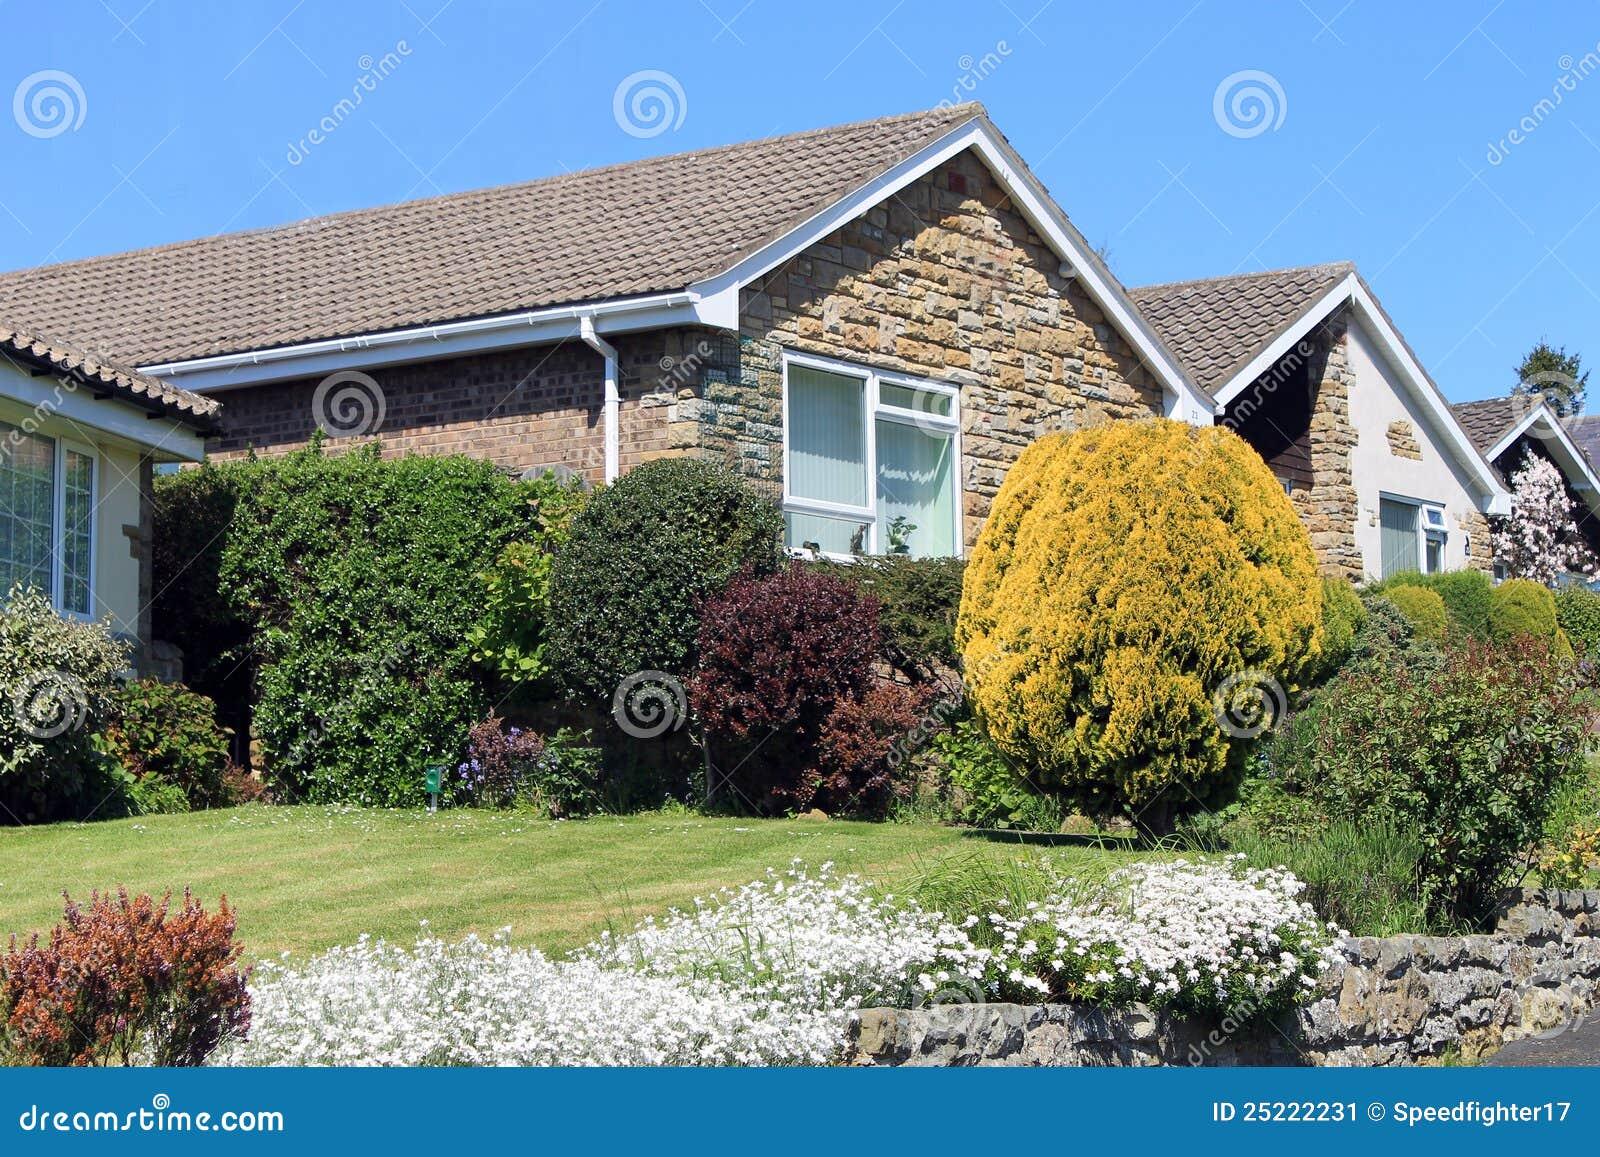 Casas modernas de la casa de planta baja imagen de archivo - Casas en planta baja ...